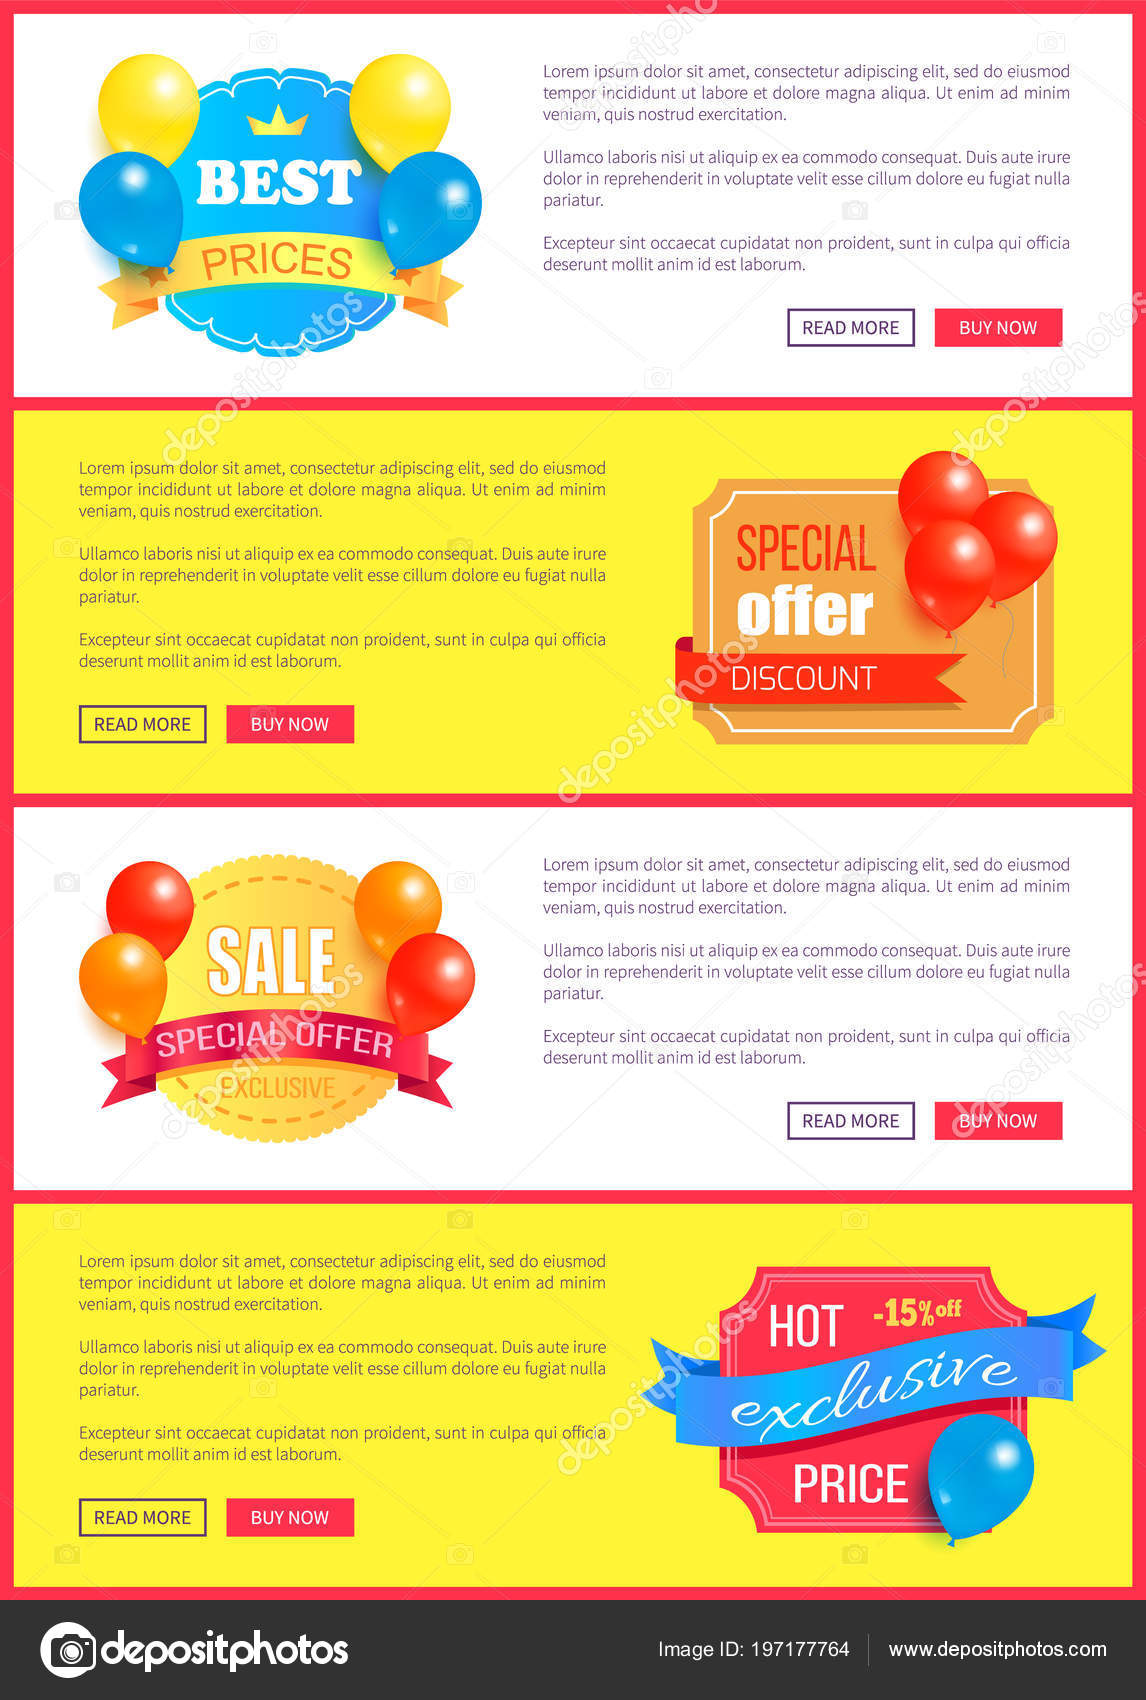 699ba701d Лучшая цена продажи выходные скидки Супер предложение эксклюзивных премиум  продвижение набор наклеек цвета с блестящей глянцевой шары плакаты web  страниц ...